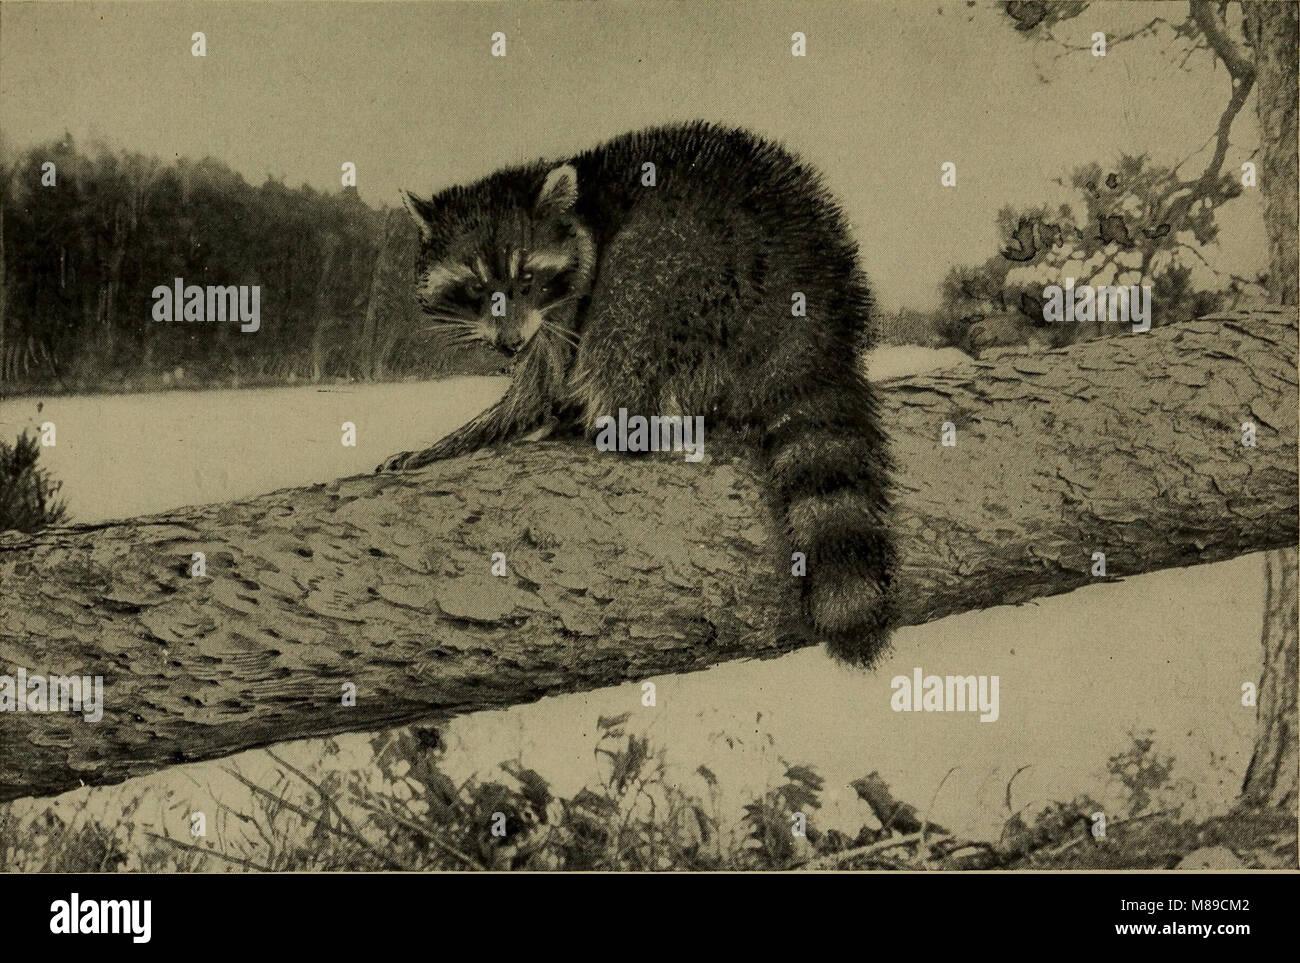 Conoce la vida en el campo y bosque; los animales, aves, ranas y salamandras (1898) (14568966597) Foto de stock